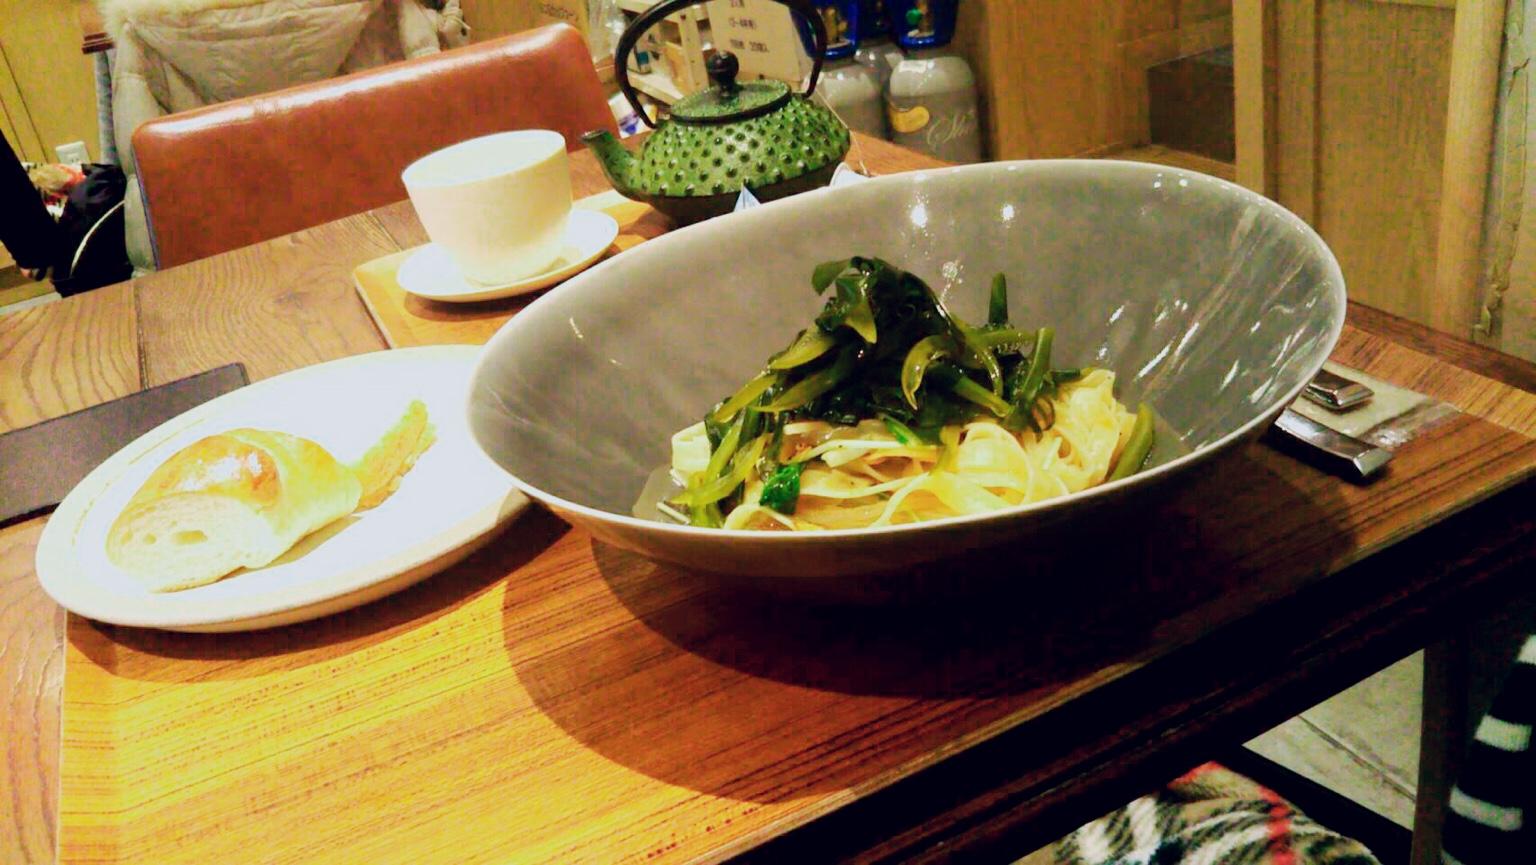 盛岡駅フェザンにあるカフェ「銀河堂1890 」にてお茶タイム!